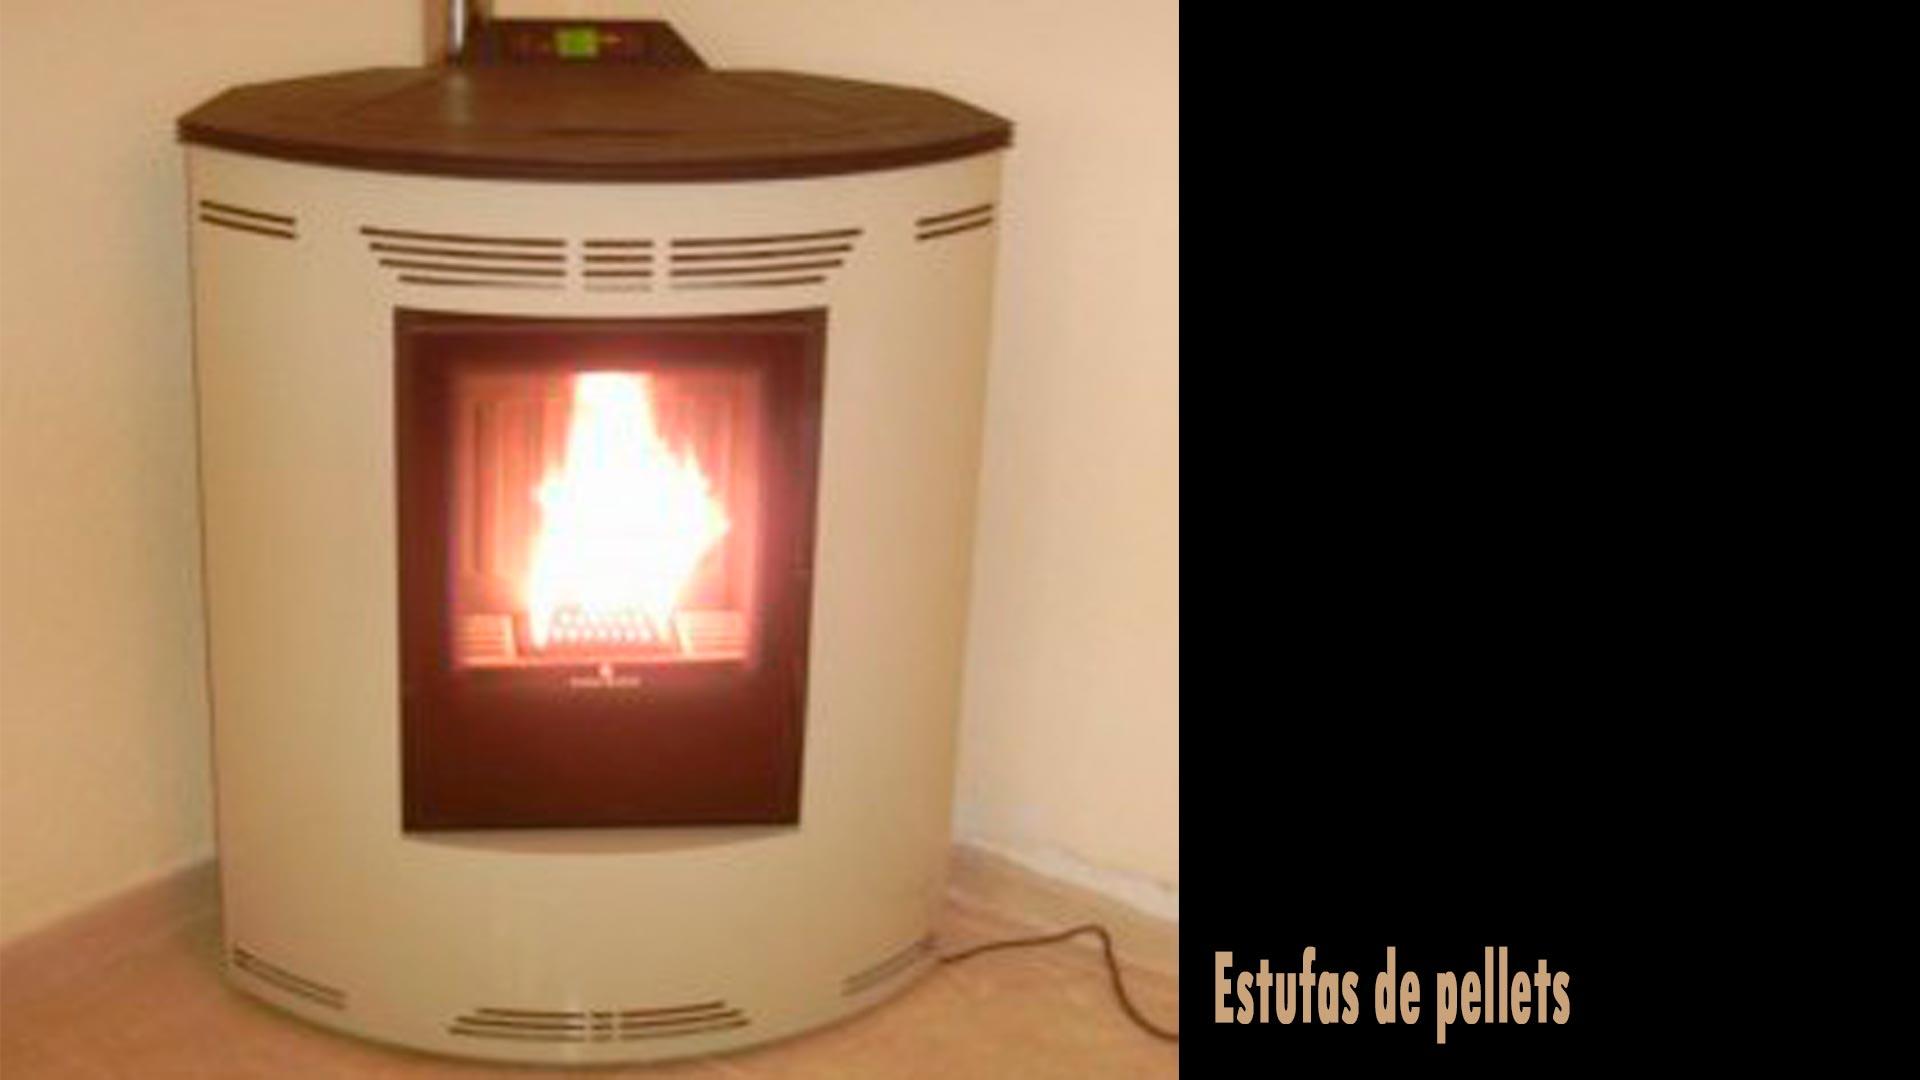 Precio estufas de pellets simple precio estufas de - Instalar estufa de pellets ...